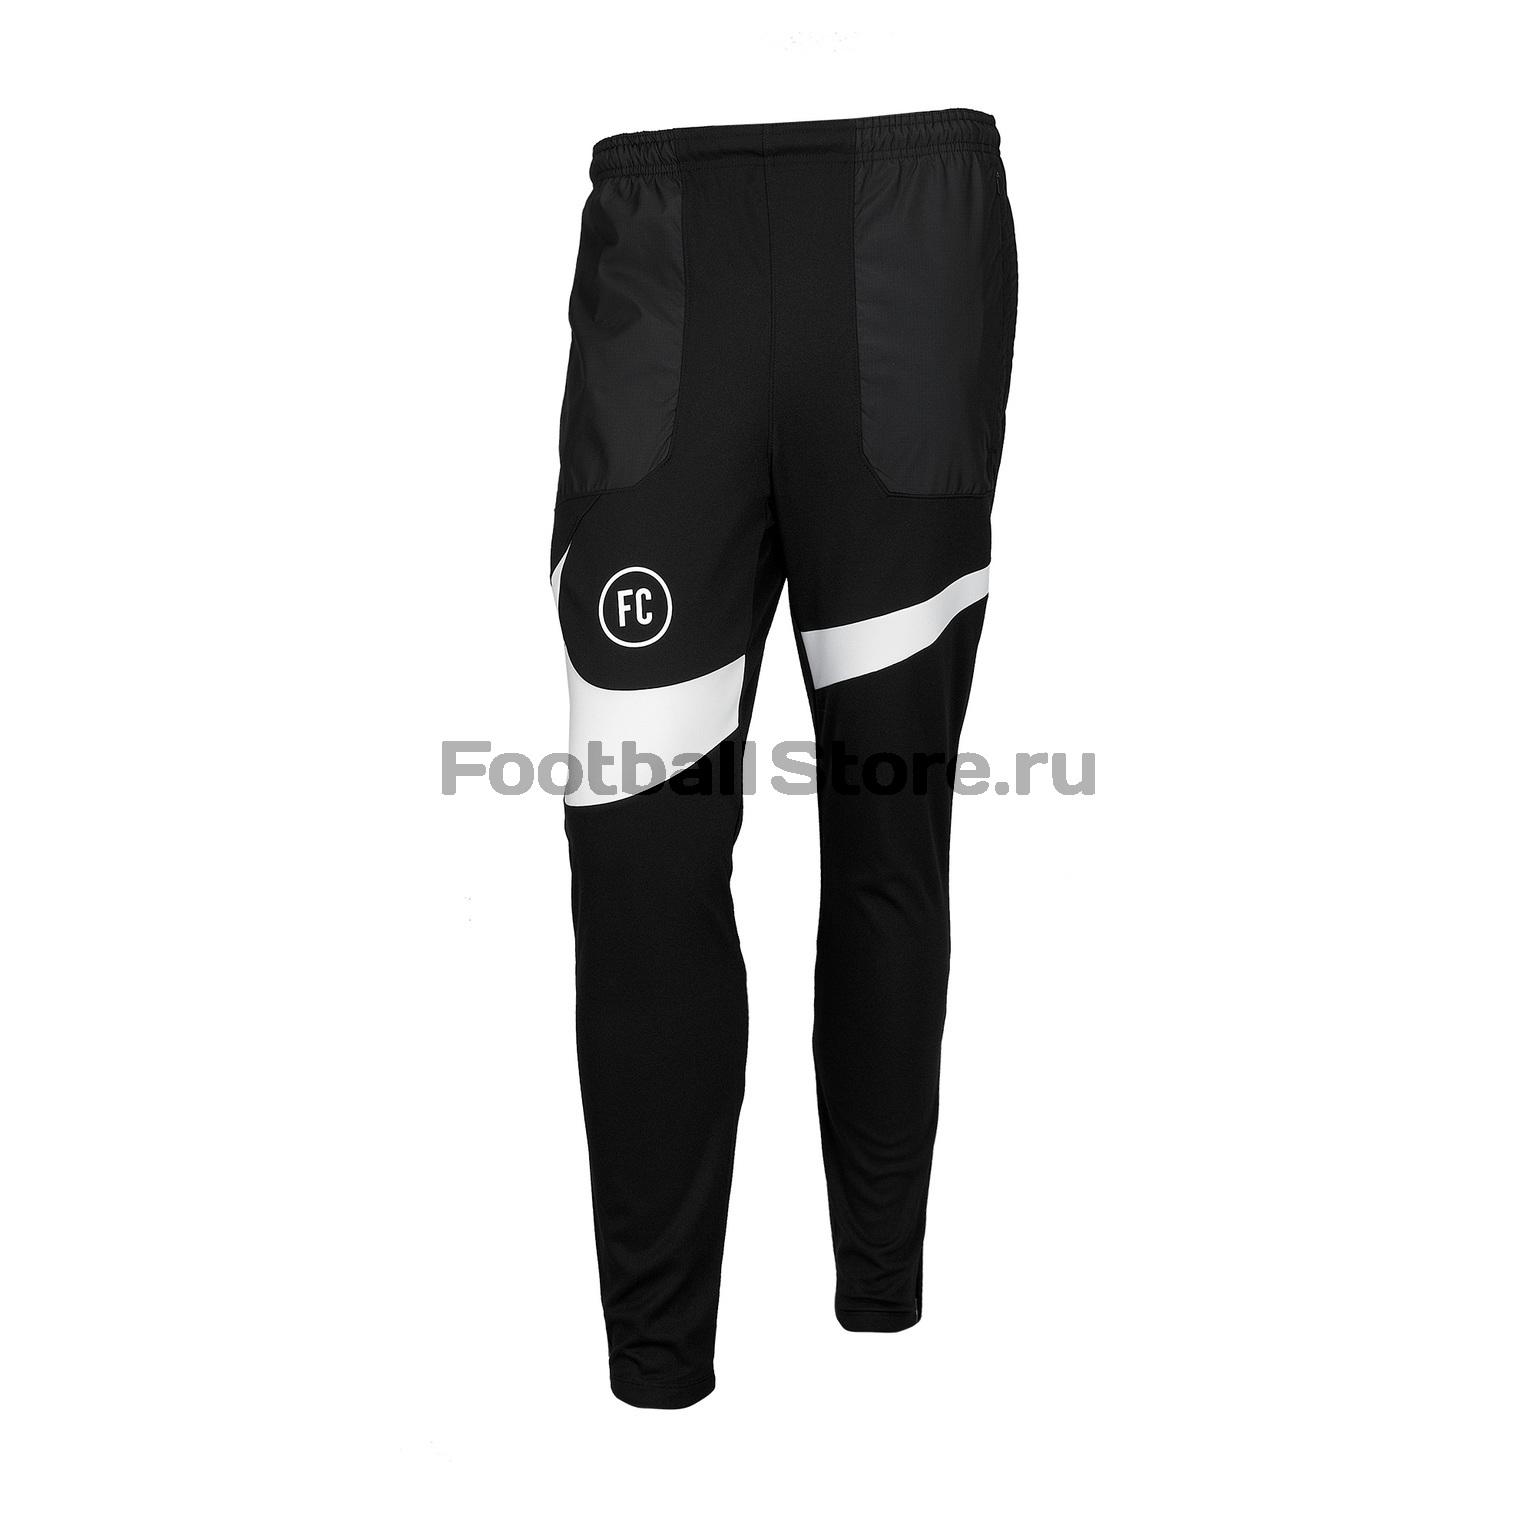 Брюки Nike F.C. Pant AT6103-011 цена